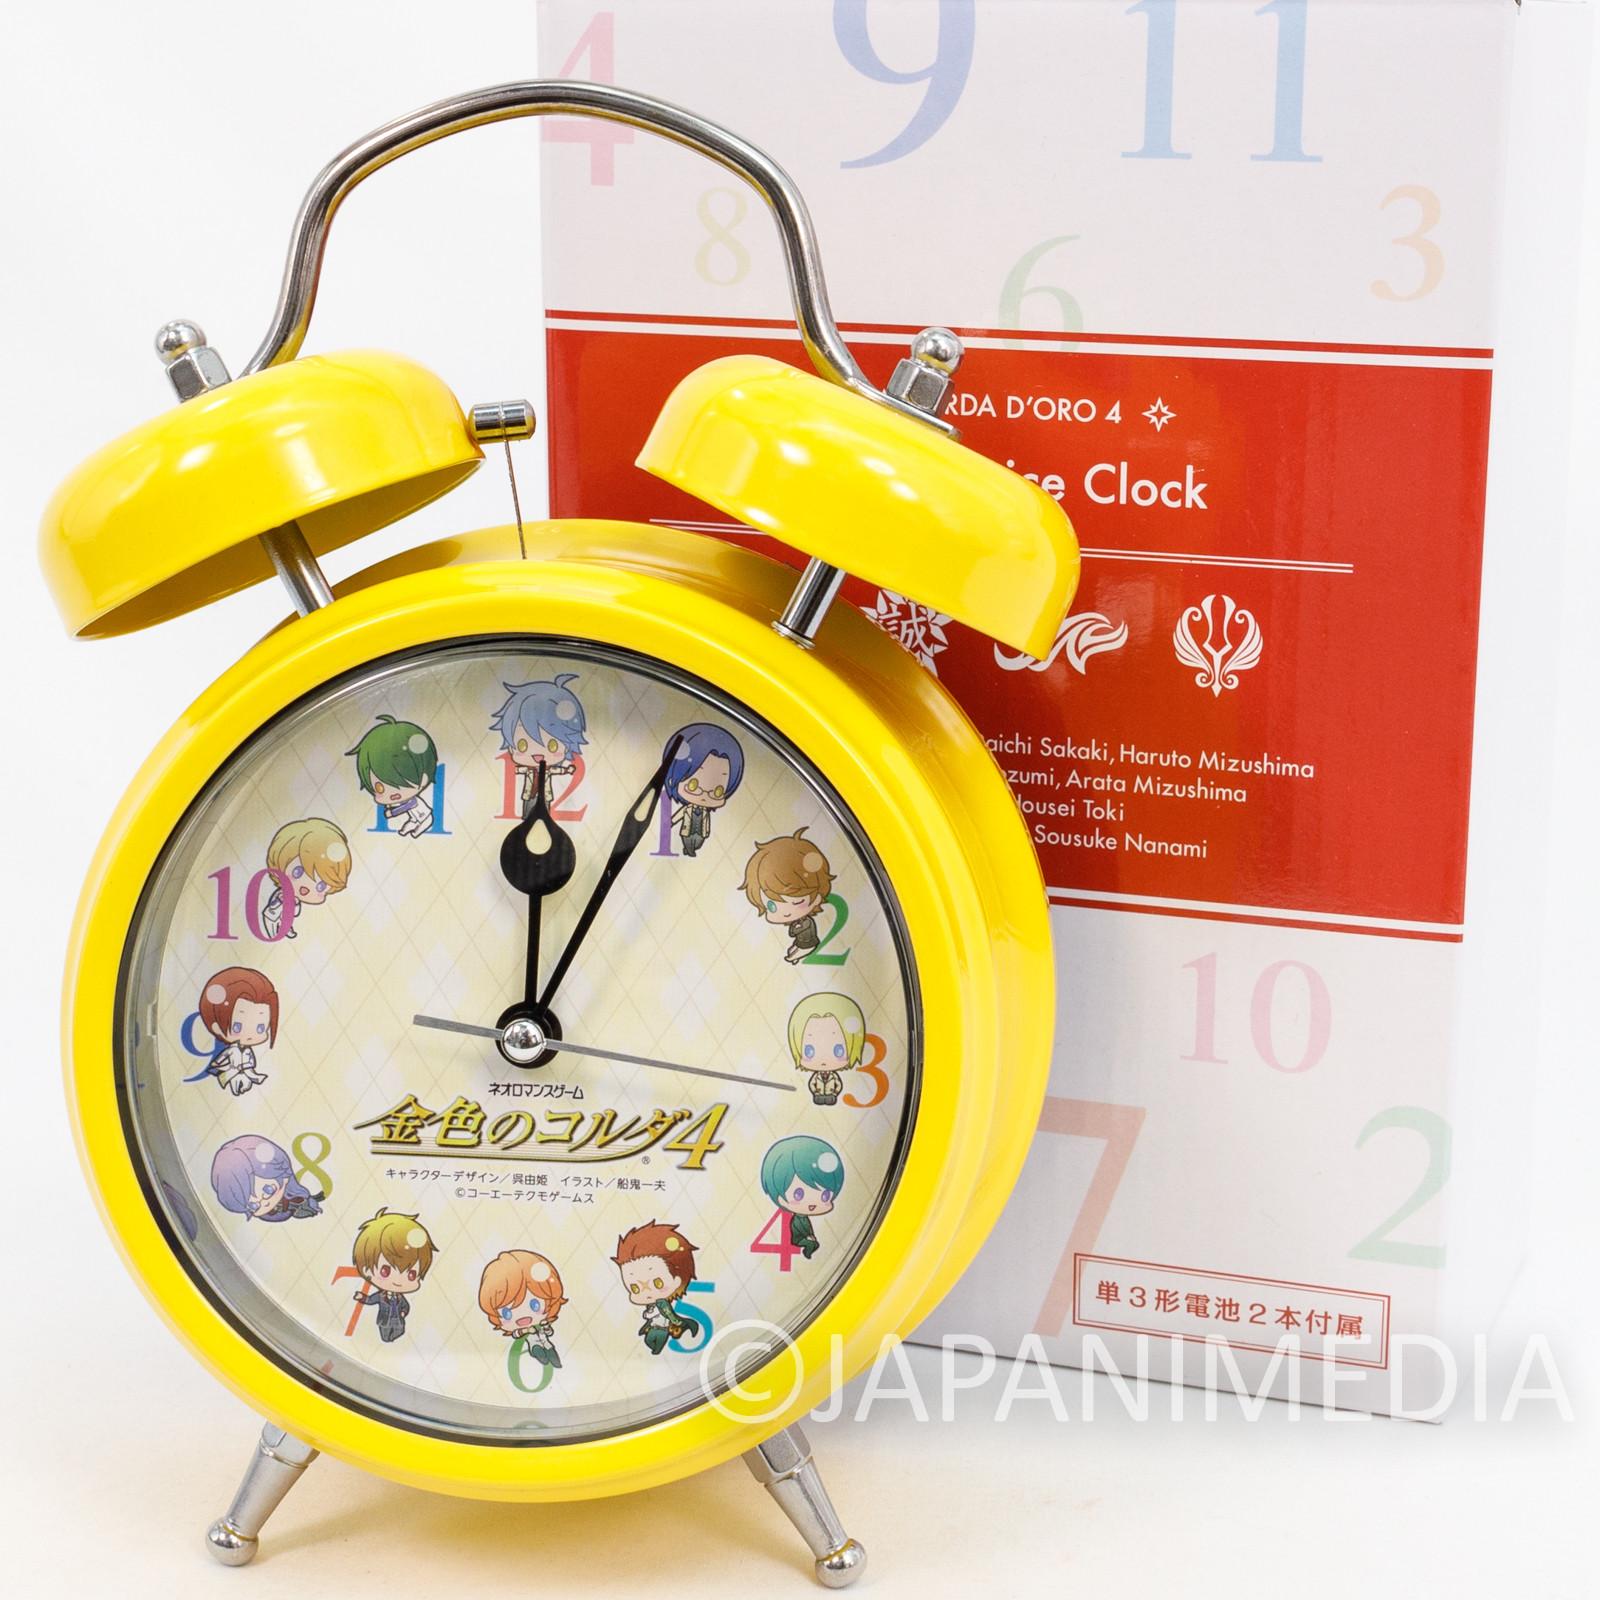 Kiniro no Corda 4 La Corda D'oro Voice Alarm Clock JAPAN ANIME